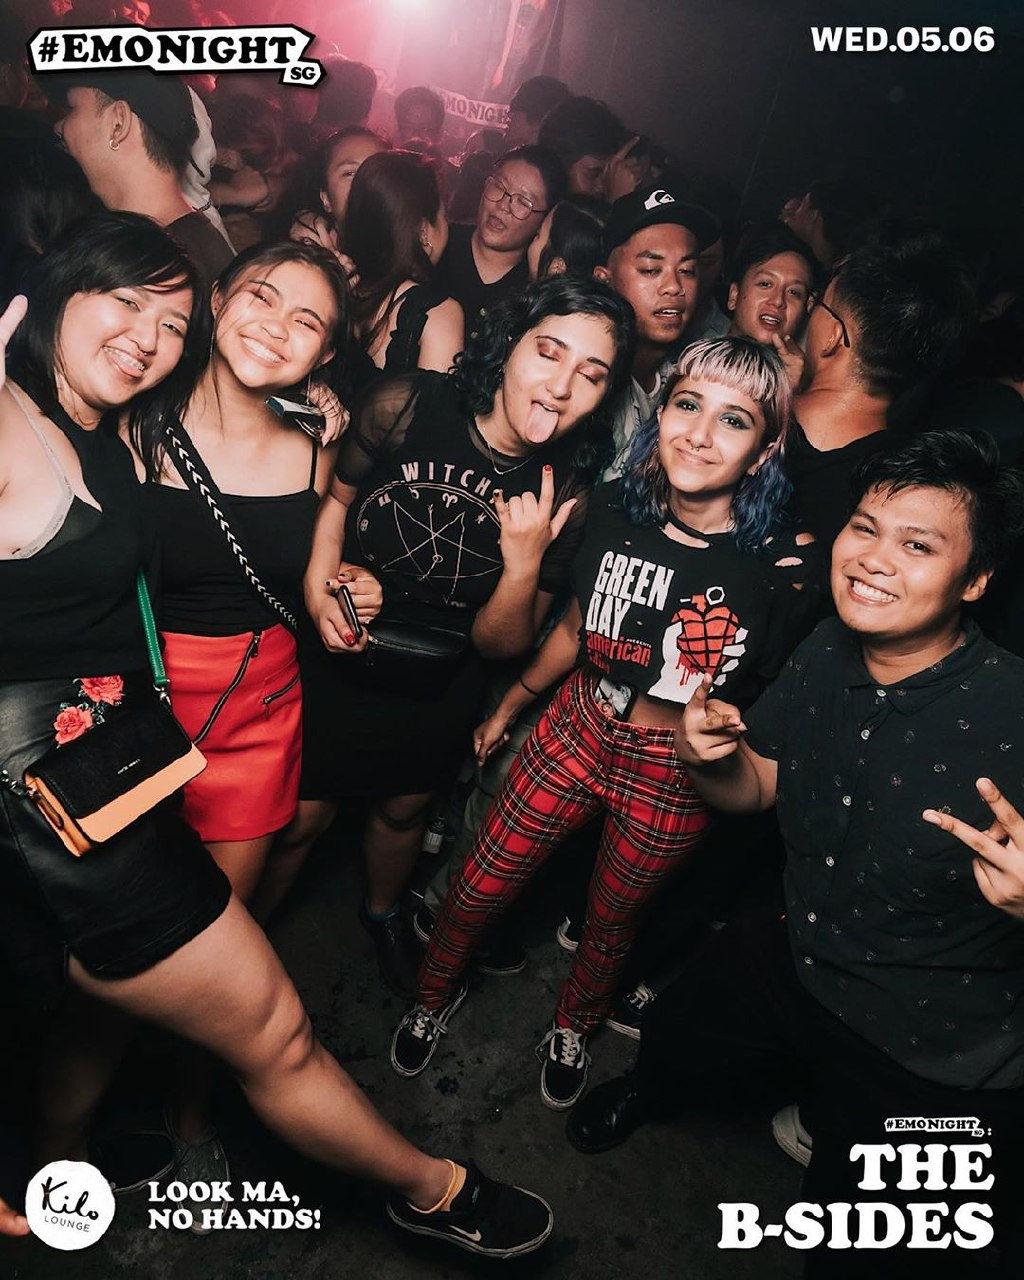 Emo night Singapore